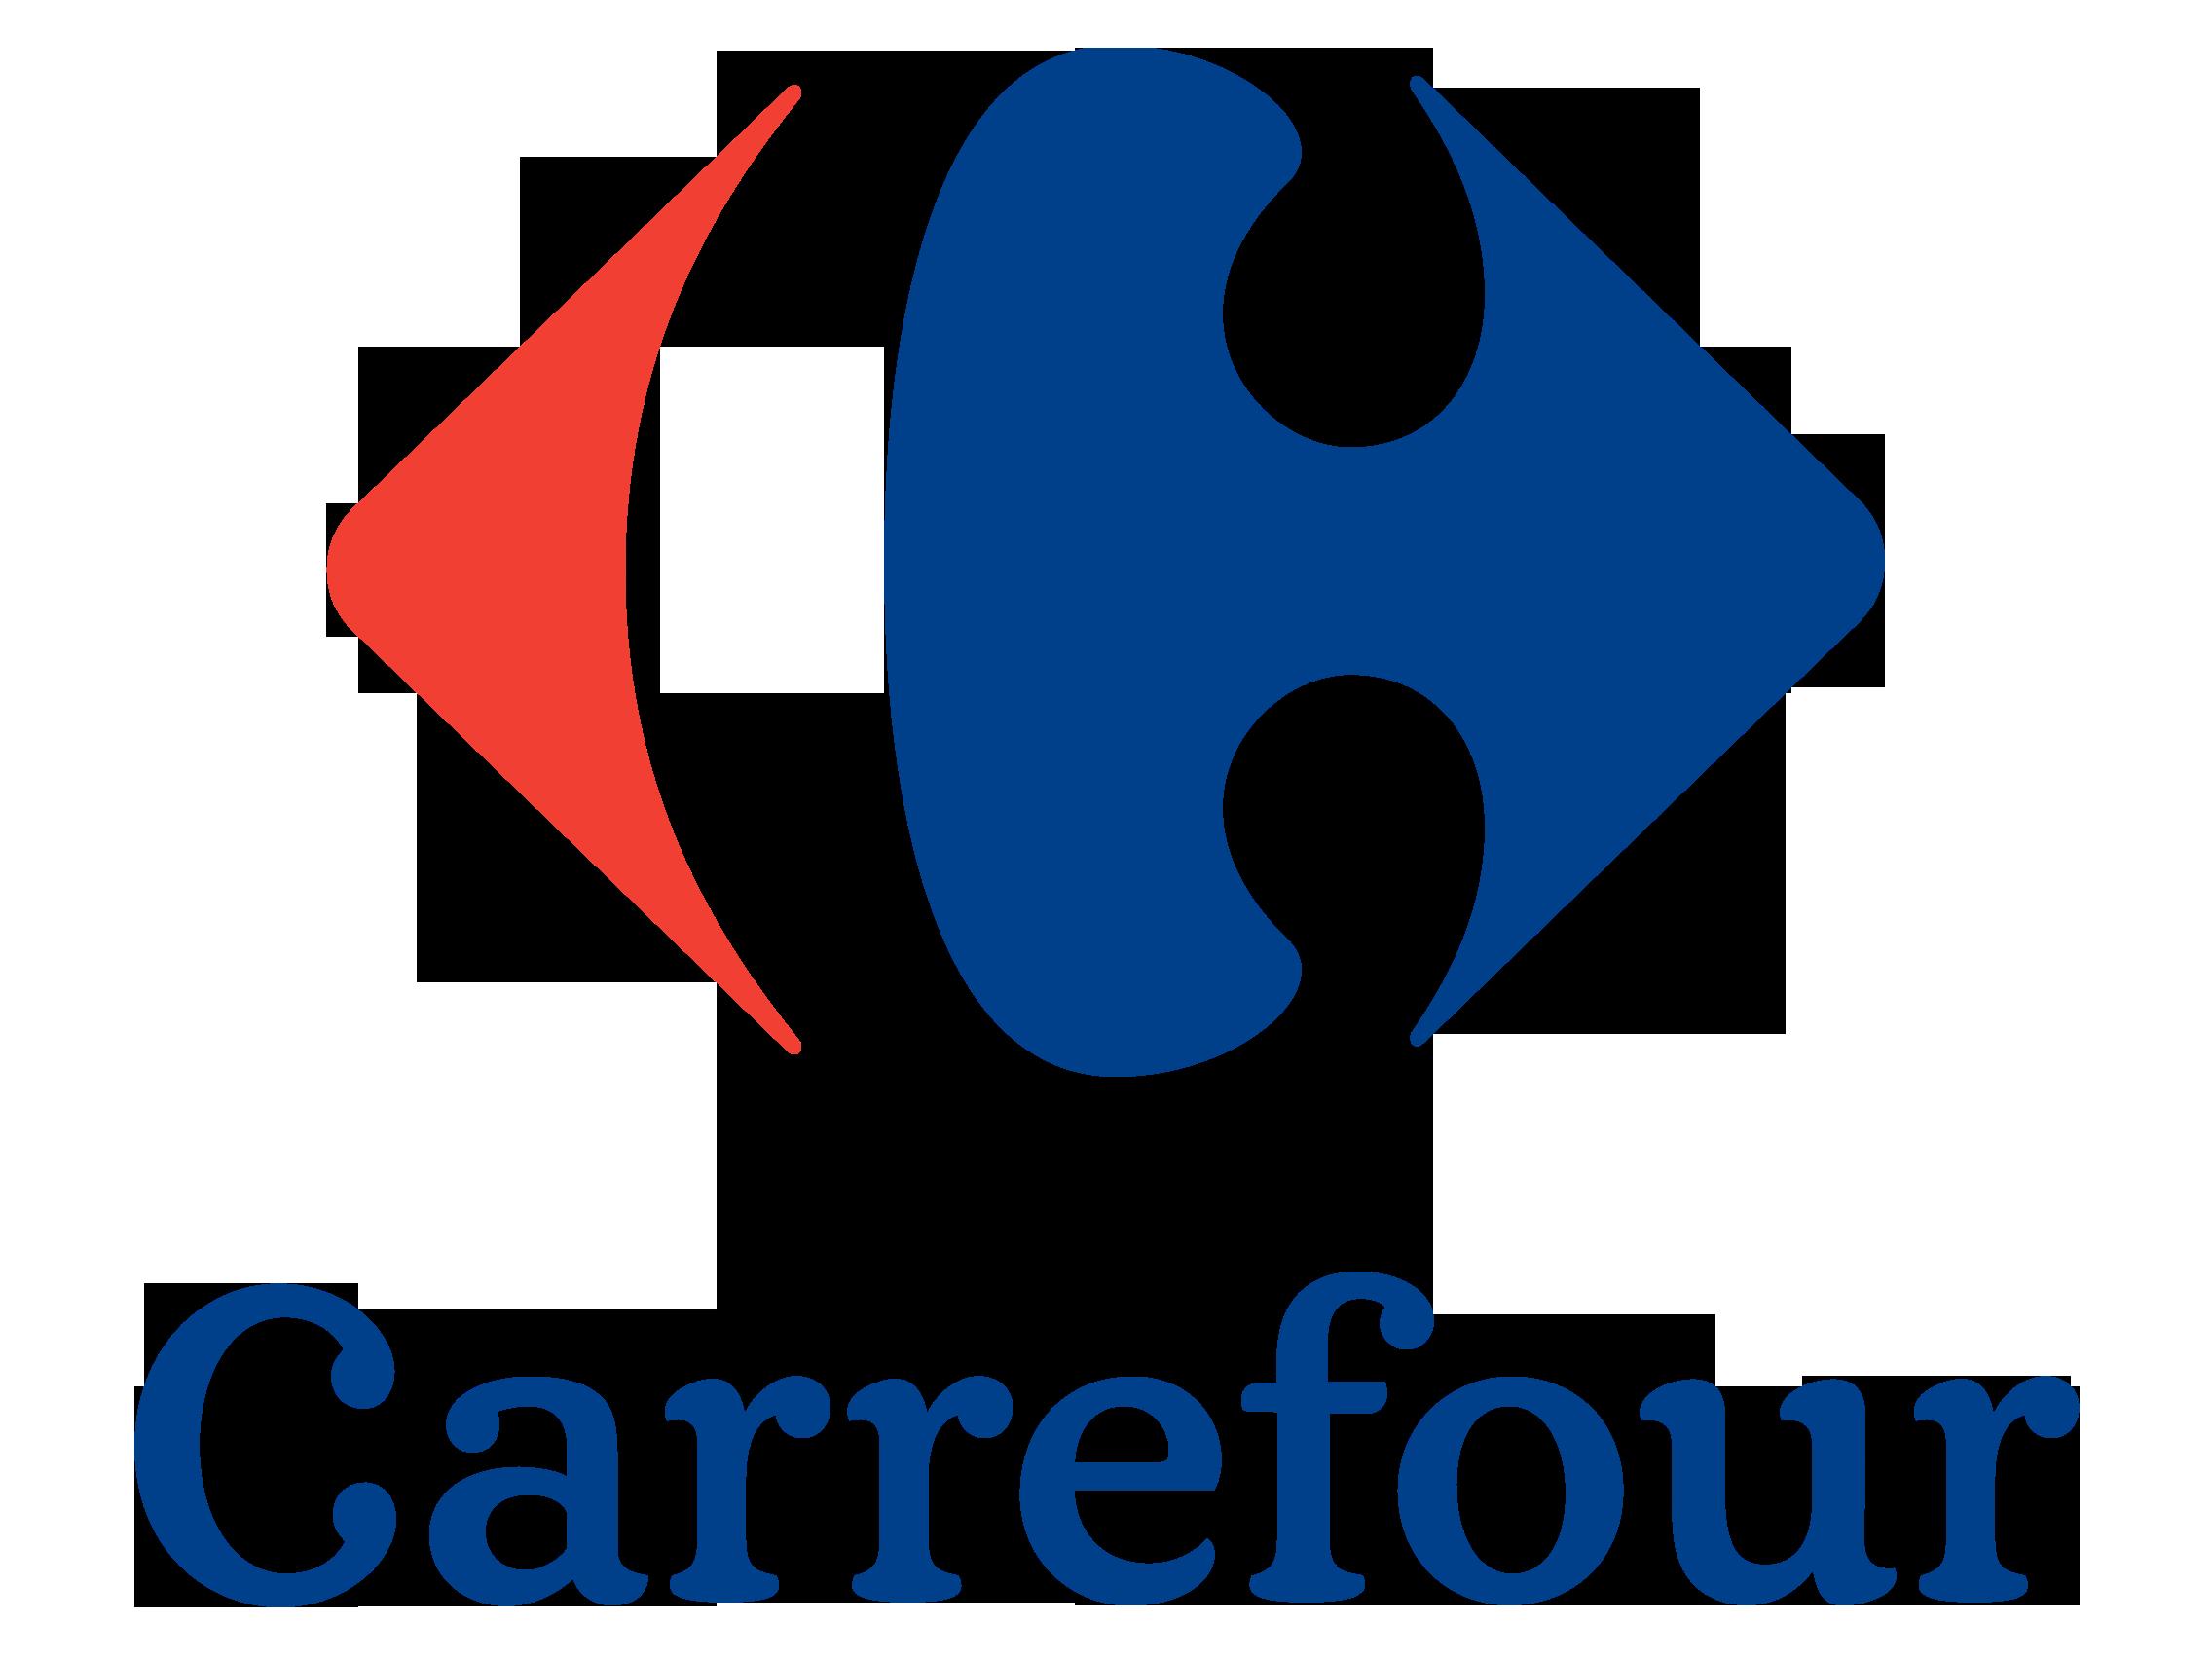 CARREFOUR CARTÕES logo